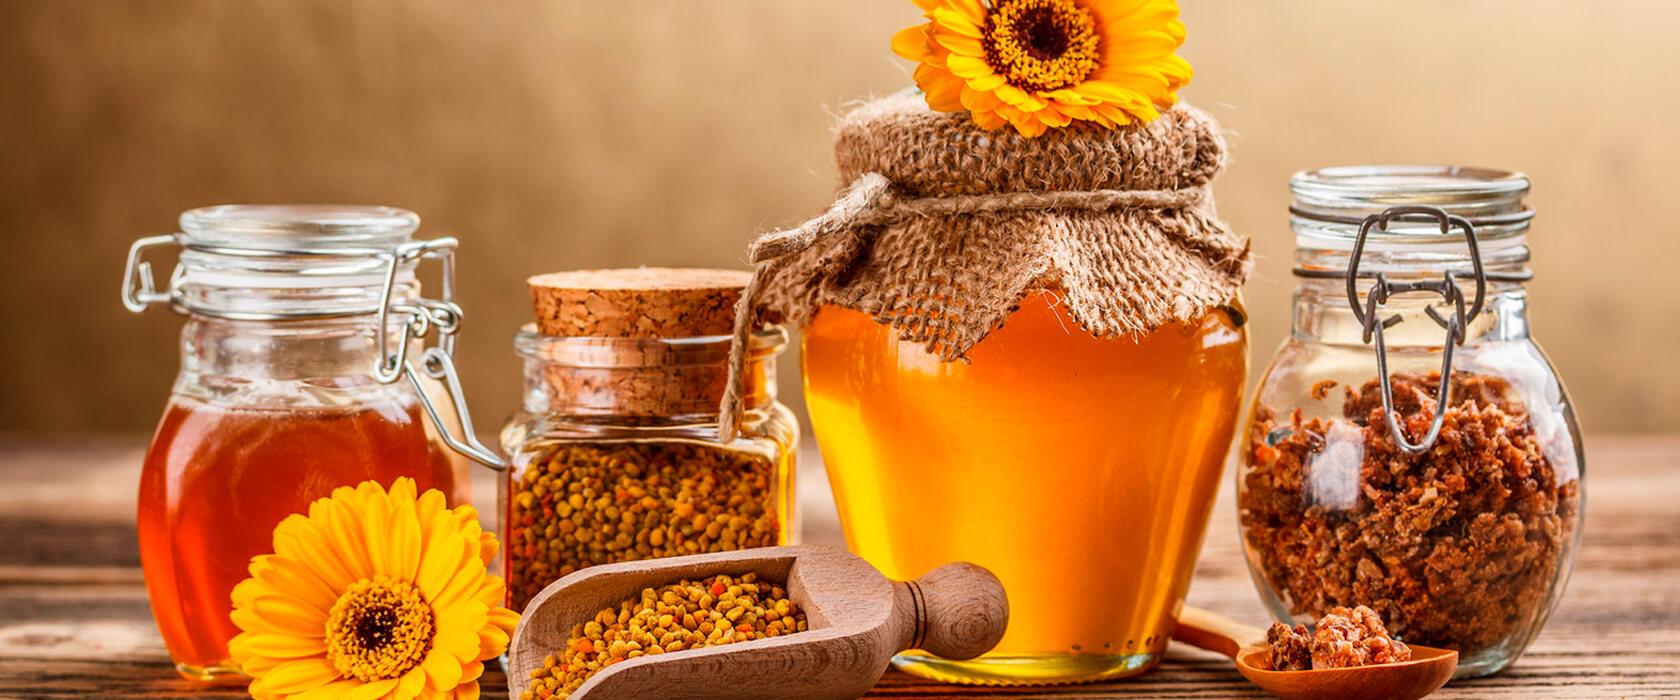 Мед та прополіс